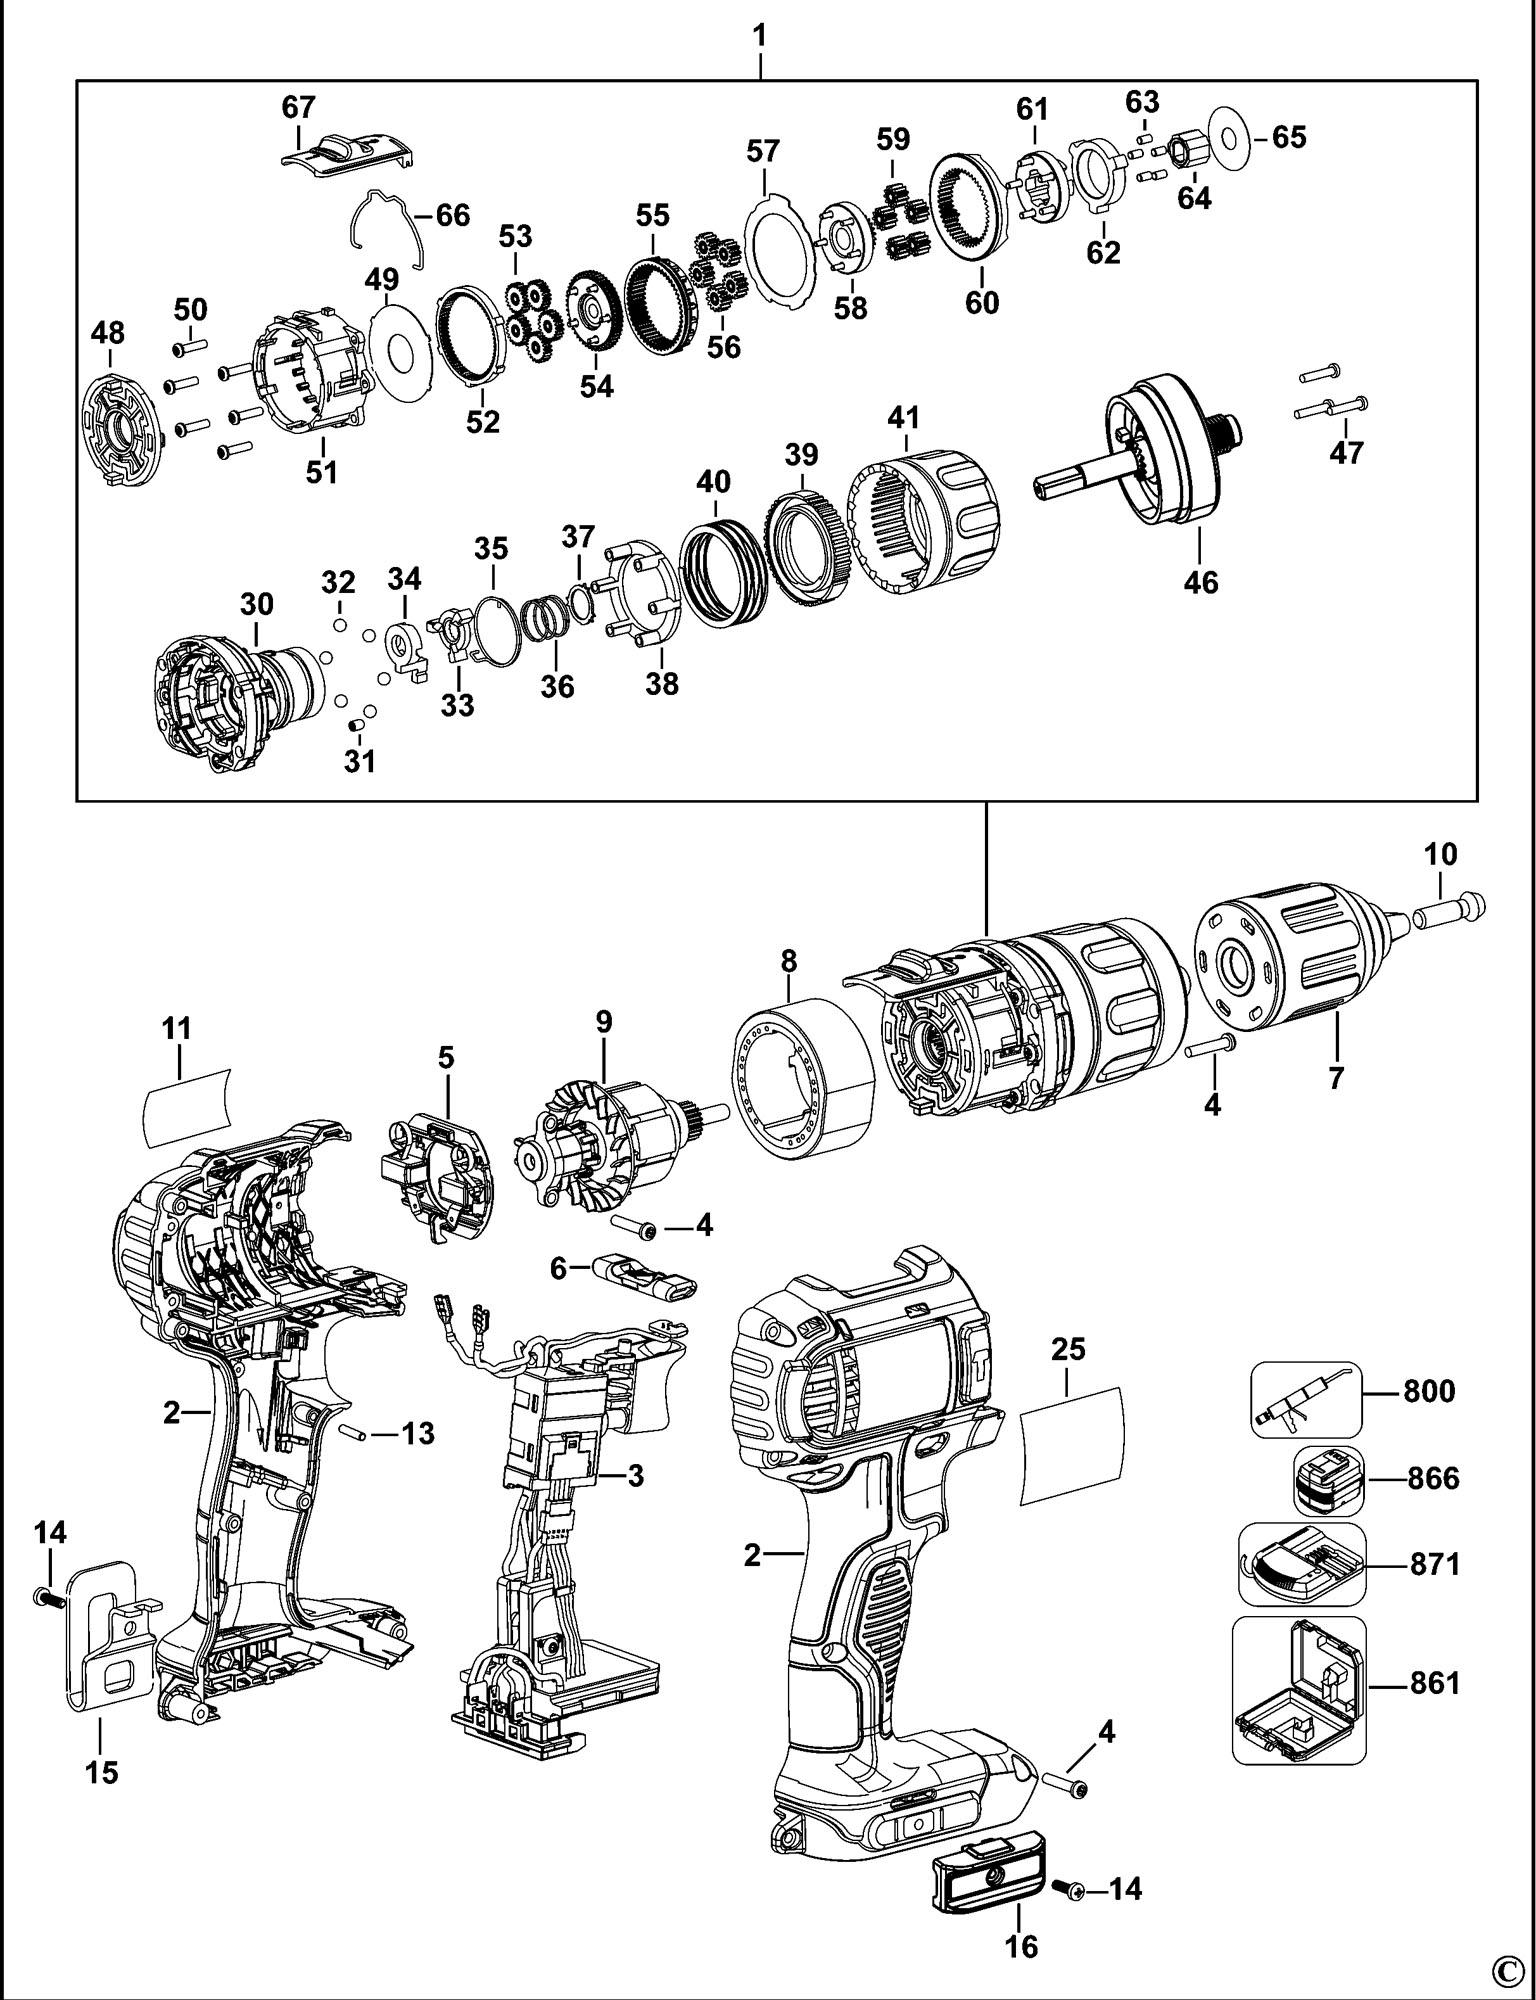 Dewalt Drill Diagram